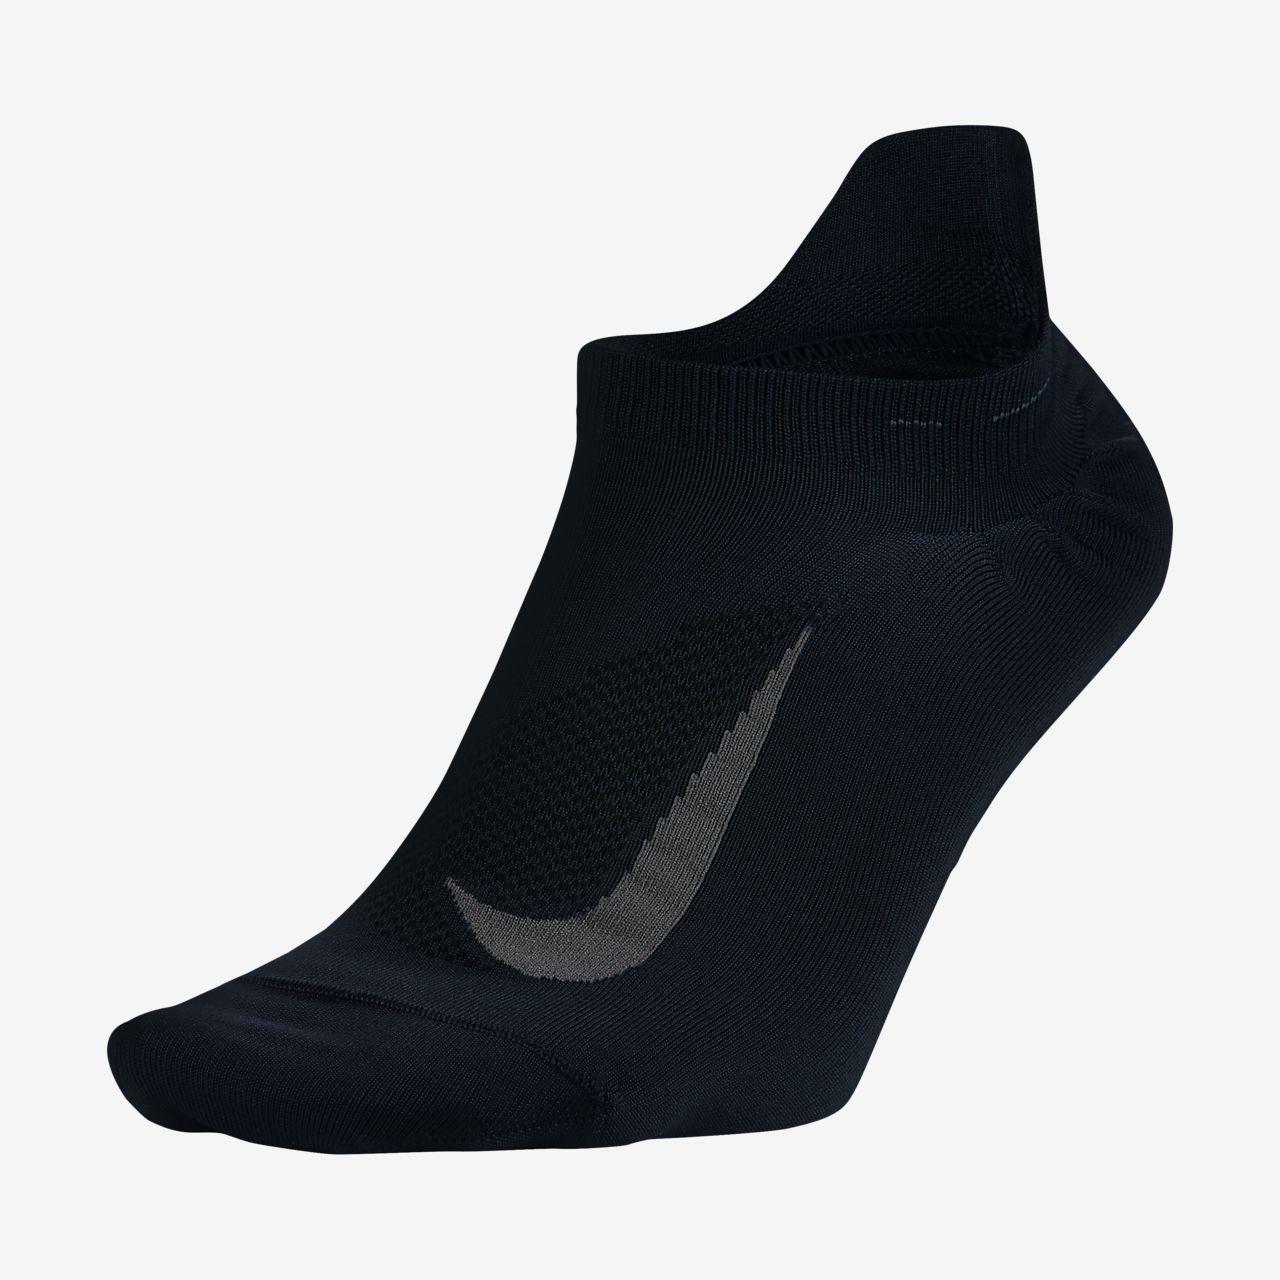 Nike Élite Légère Non-présentation Chaussettes De Course Onglet à bas prix énorme surprise combien en ligne vente recherche Vente en ligne zyrfbURC